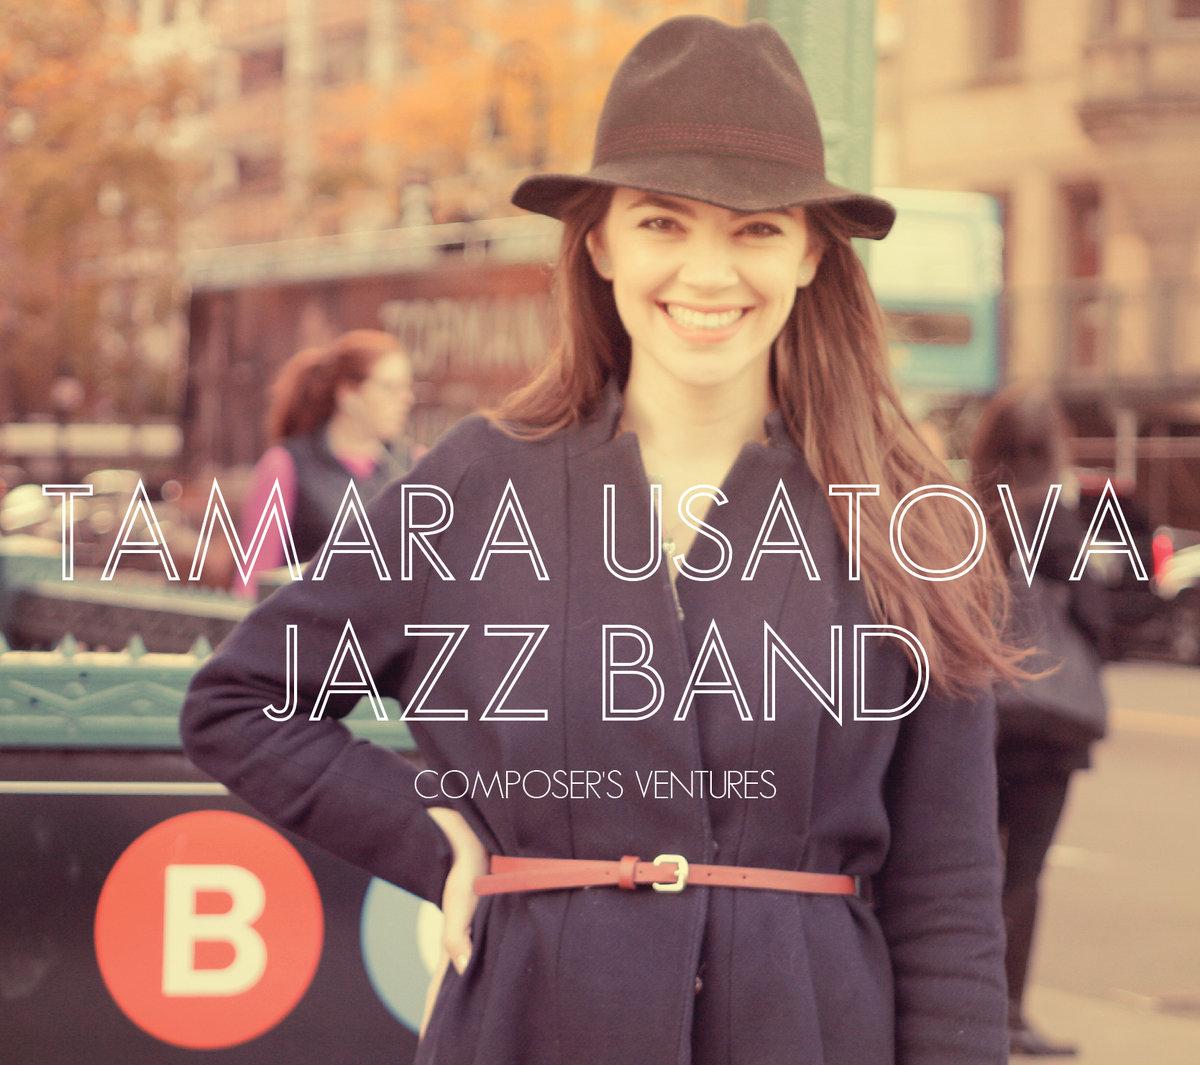 Tamara Usatova -  Composer's Ventures